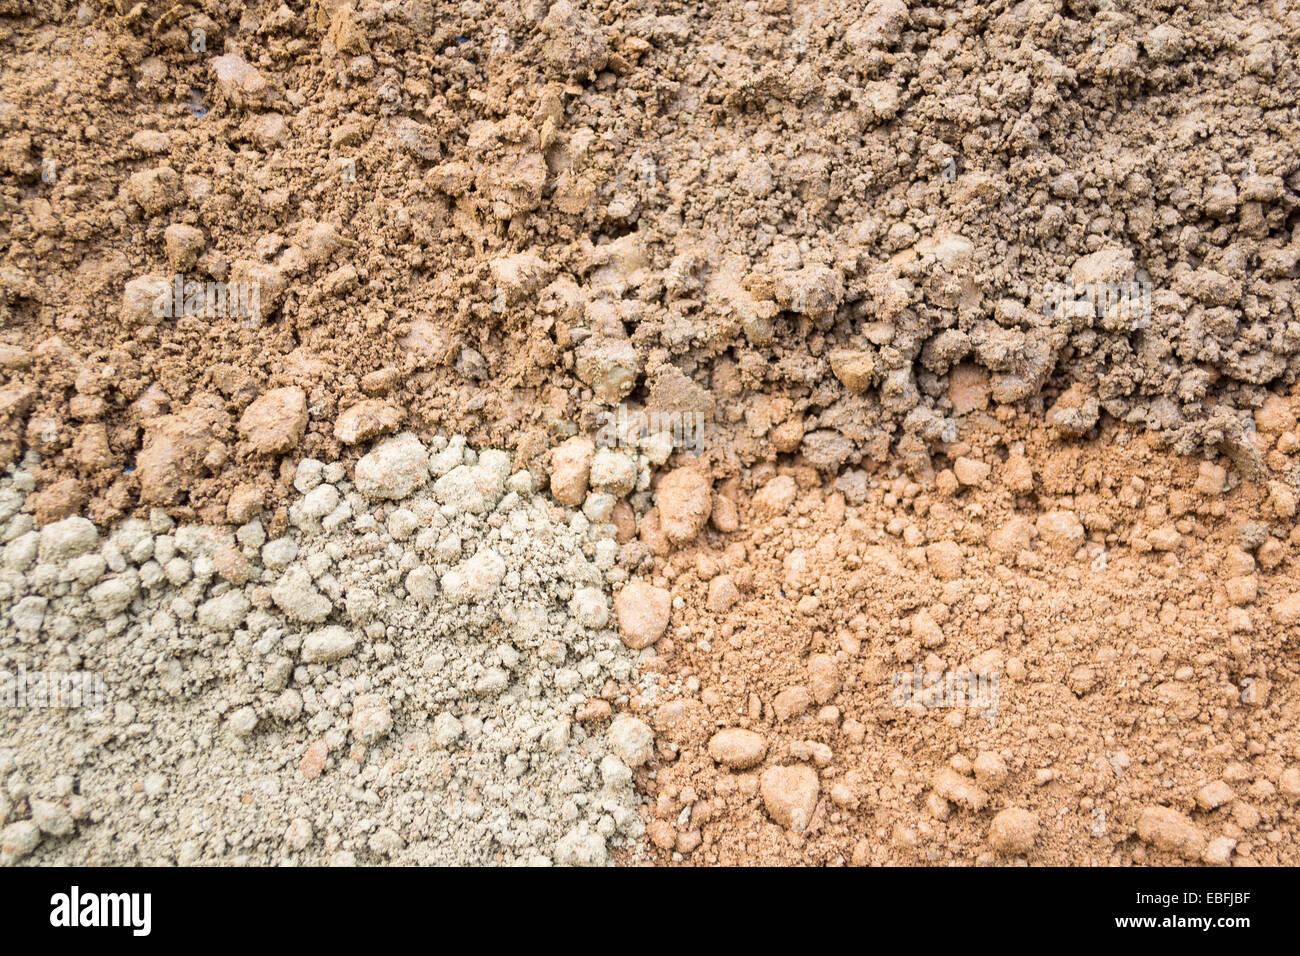 Silt Soil Silty Soil Stoc...